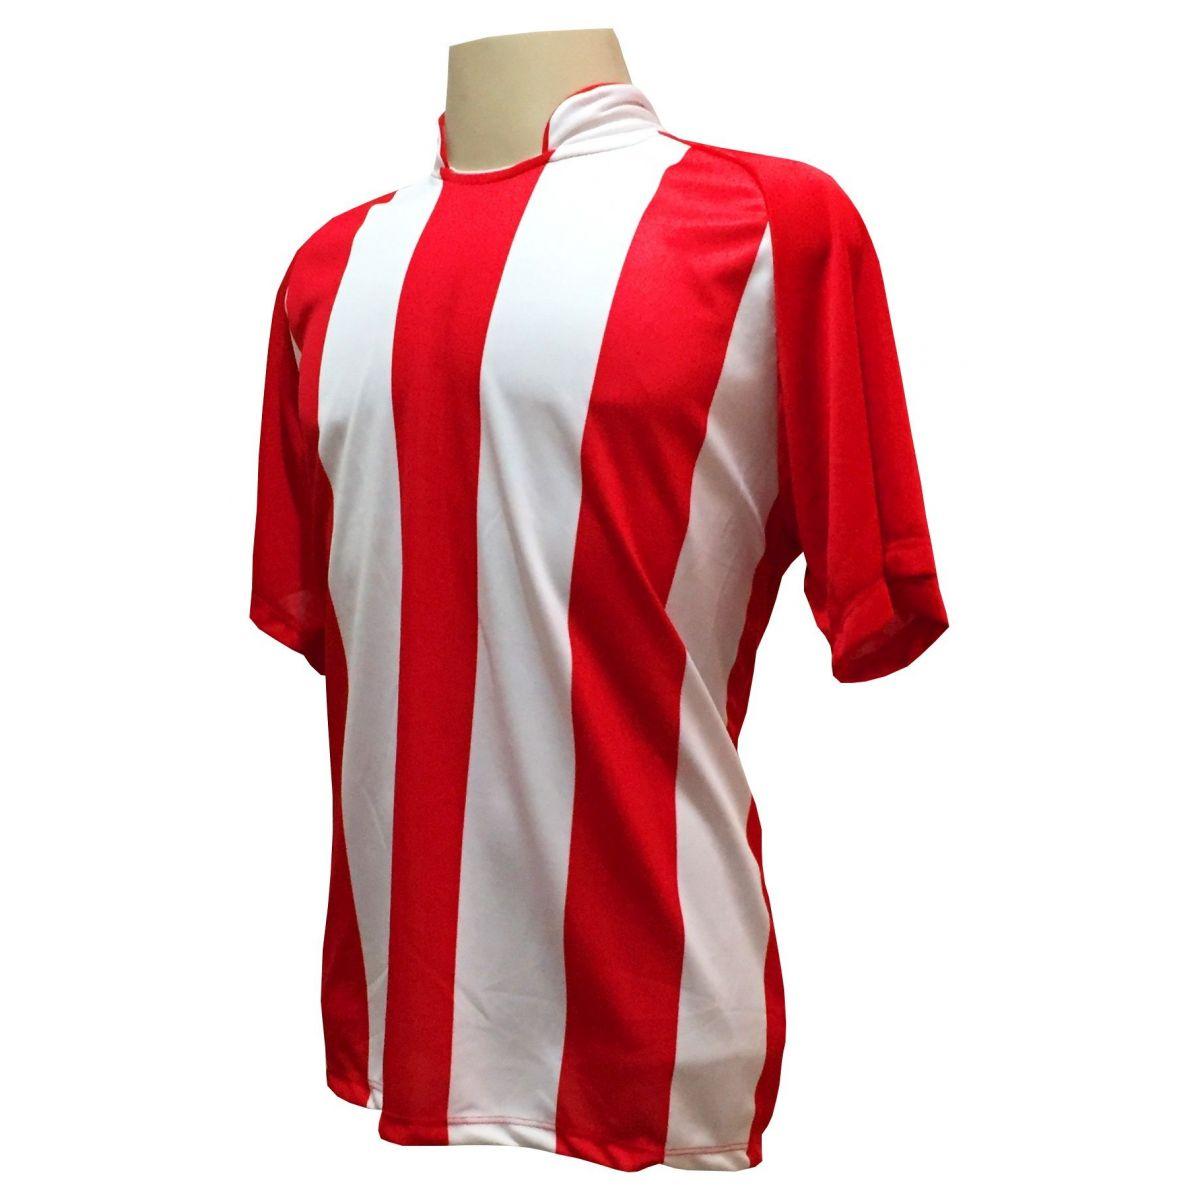 Fardamento Completo modelo Milan 20+2 (20 camisas Vermelho/Branco + 20 calções modelo Madrid Vermelho + 20 pares de meiões Branco + 2 conjuntos de goleiro) + Brindes